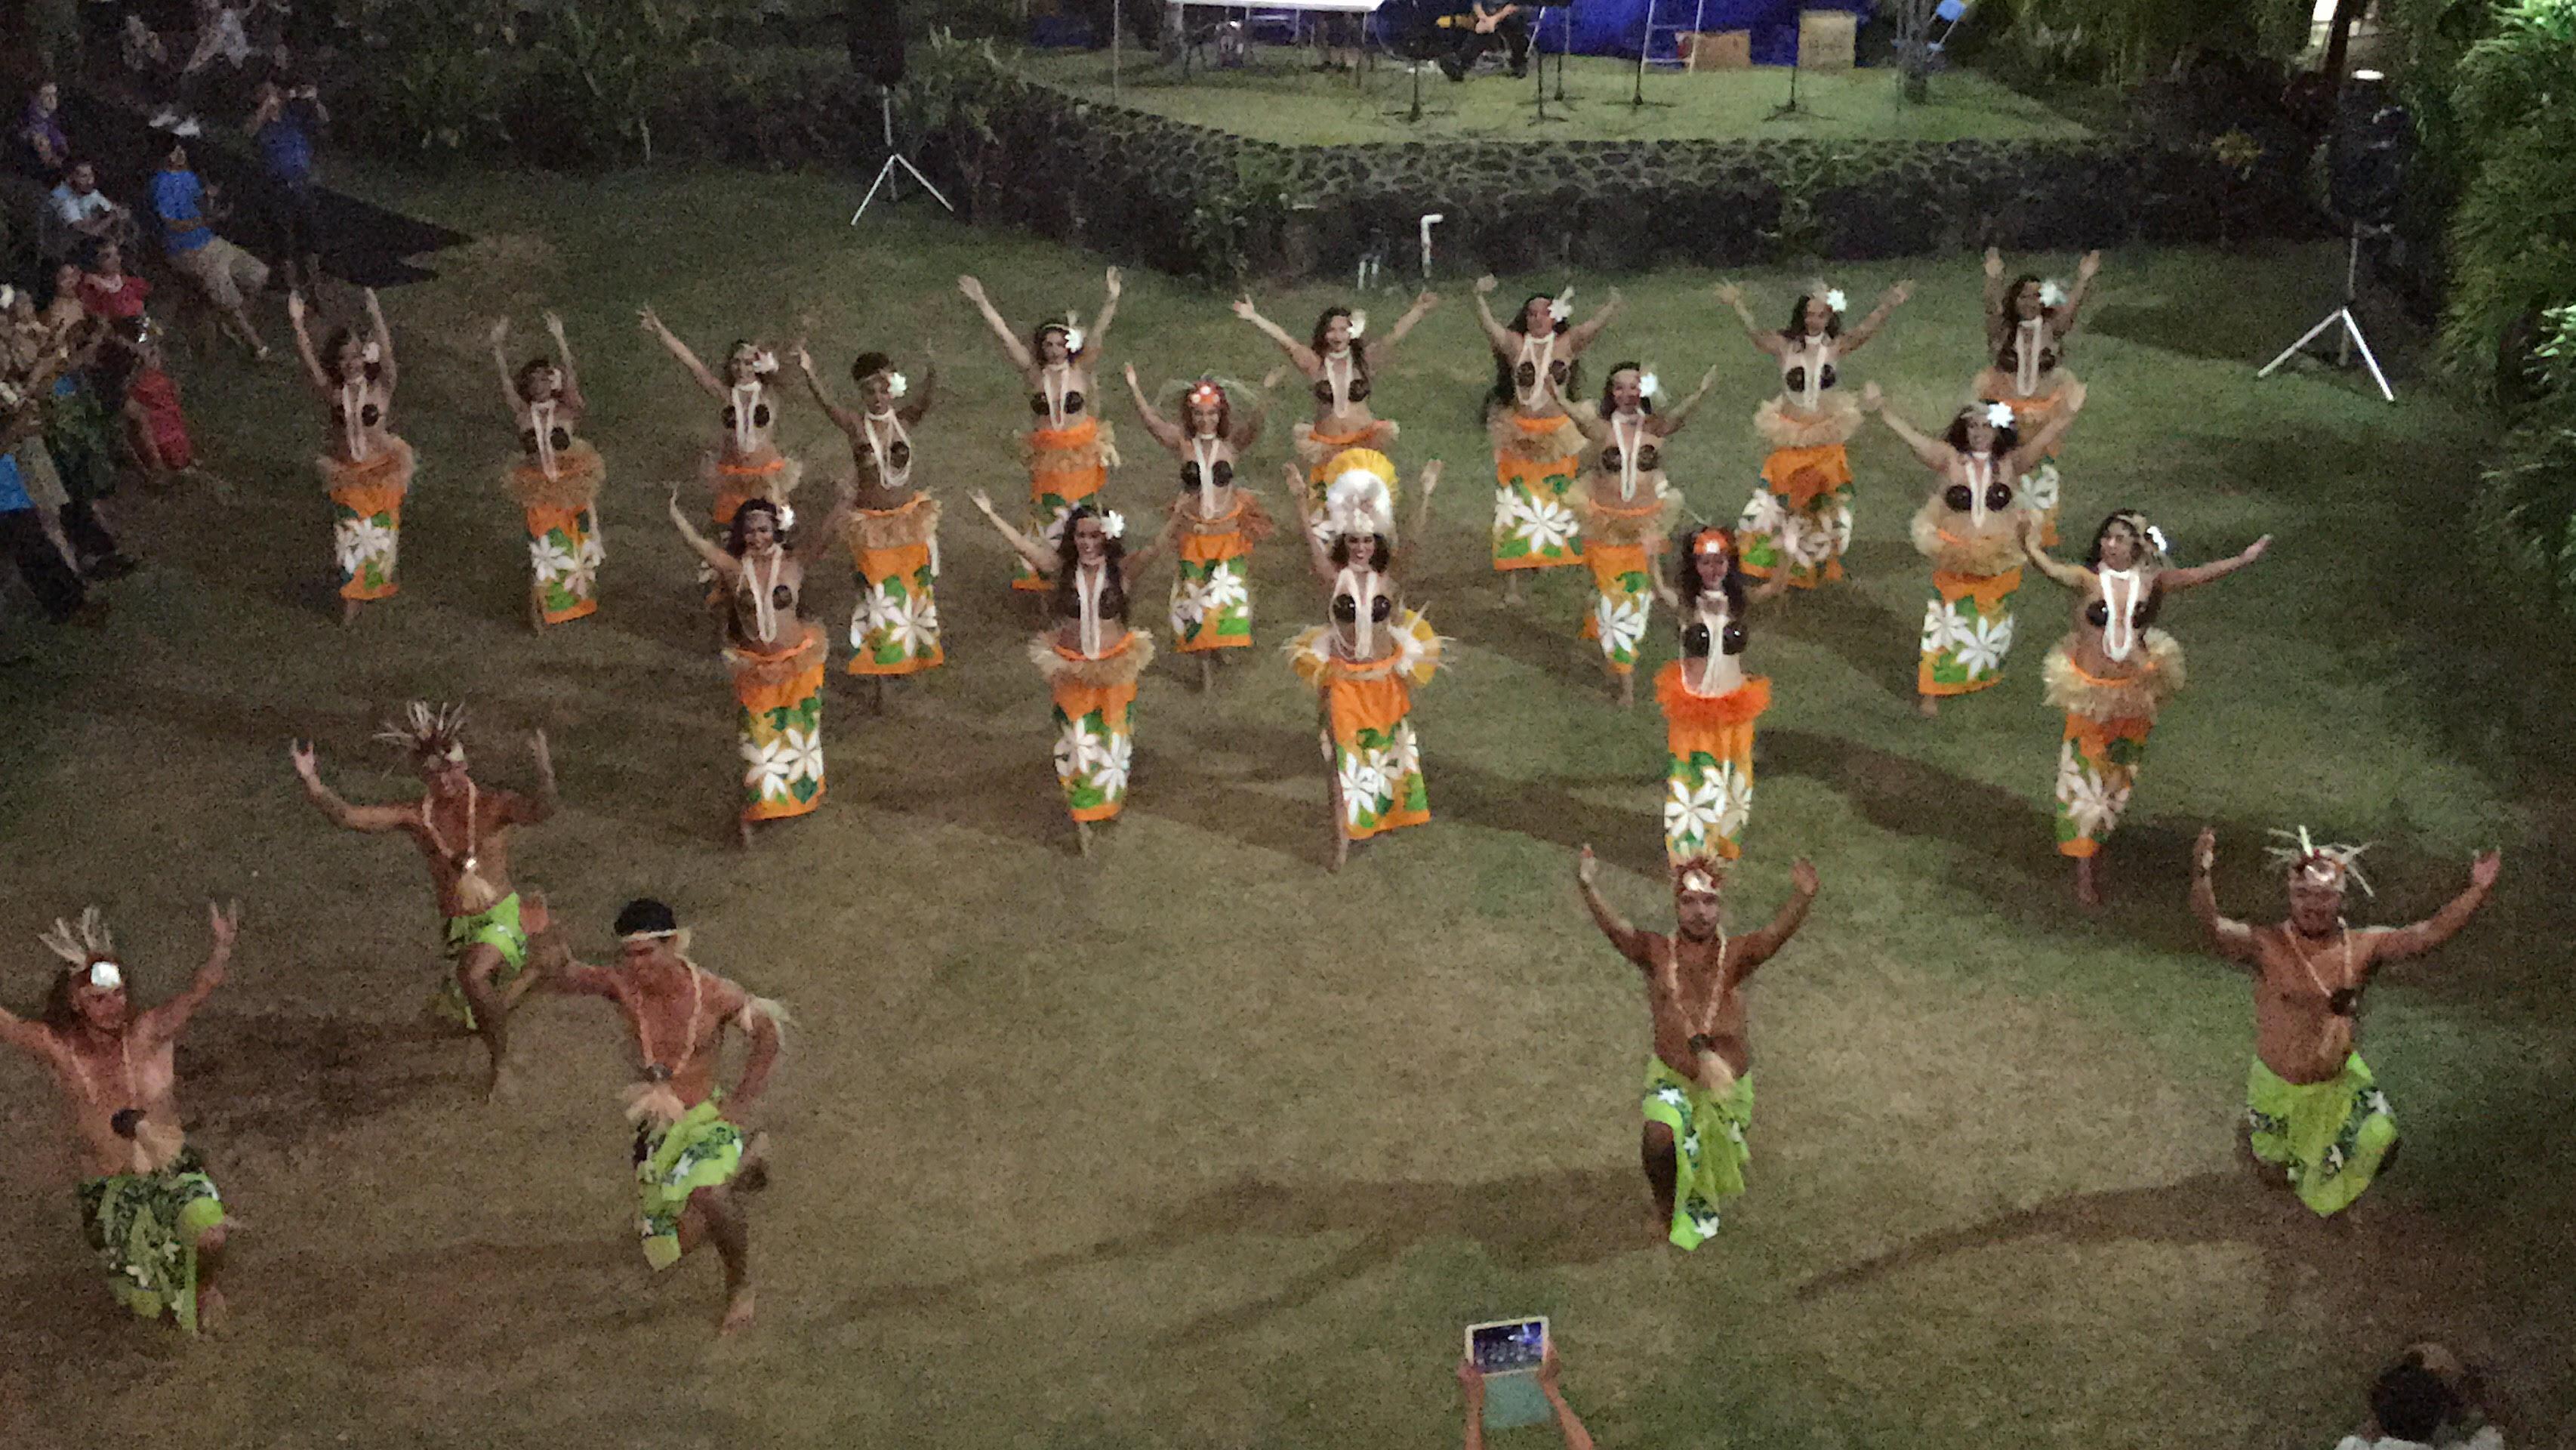 Kaui Perreira (center in the white headdress) and the Temana Tahitian Club